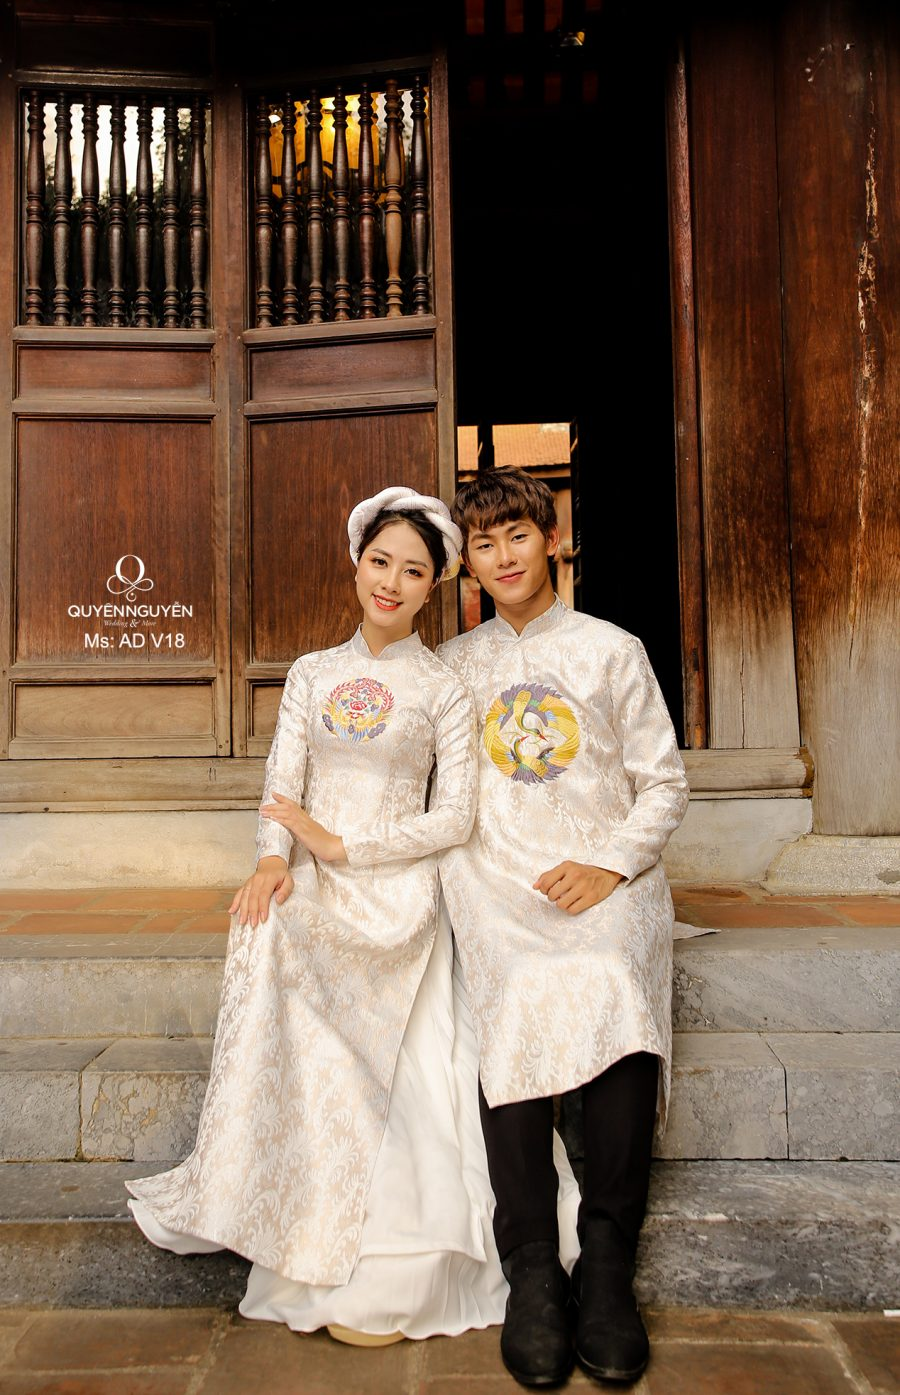 10 mẫu áo dài cặp đôi cô dâu chú rể 2020 đẹp nhất cho mùa cưới